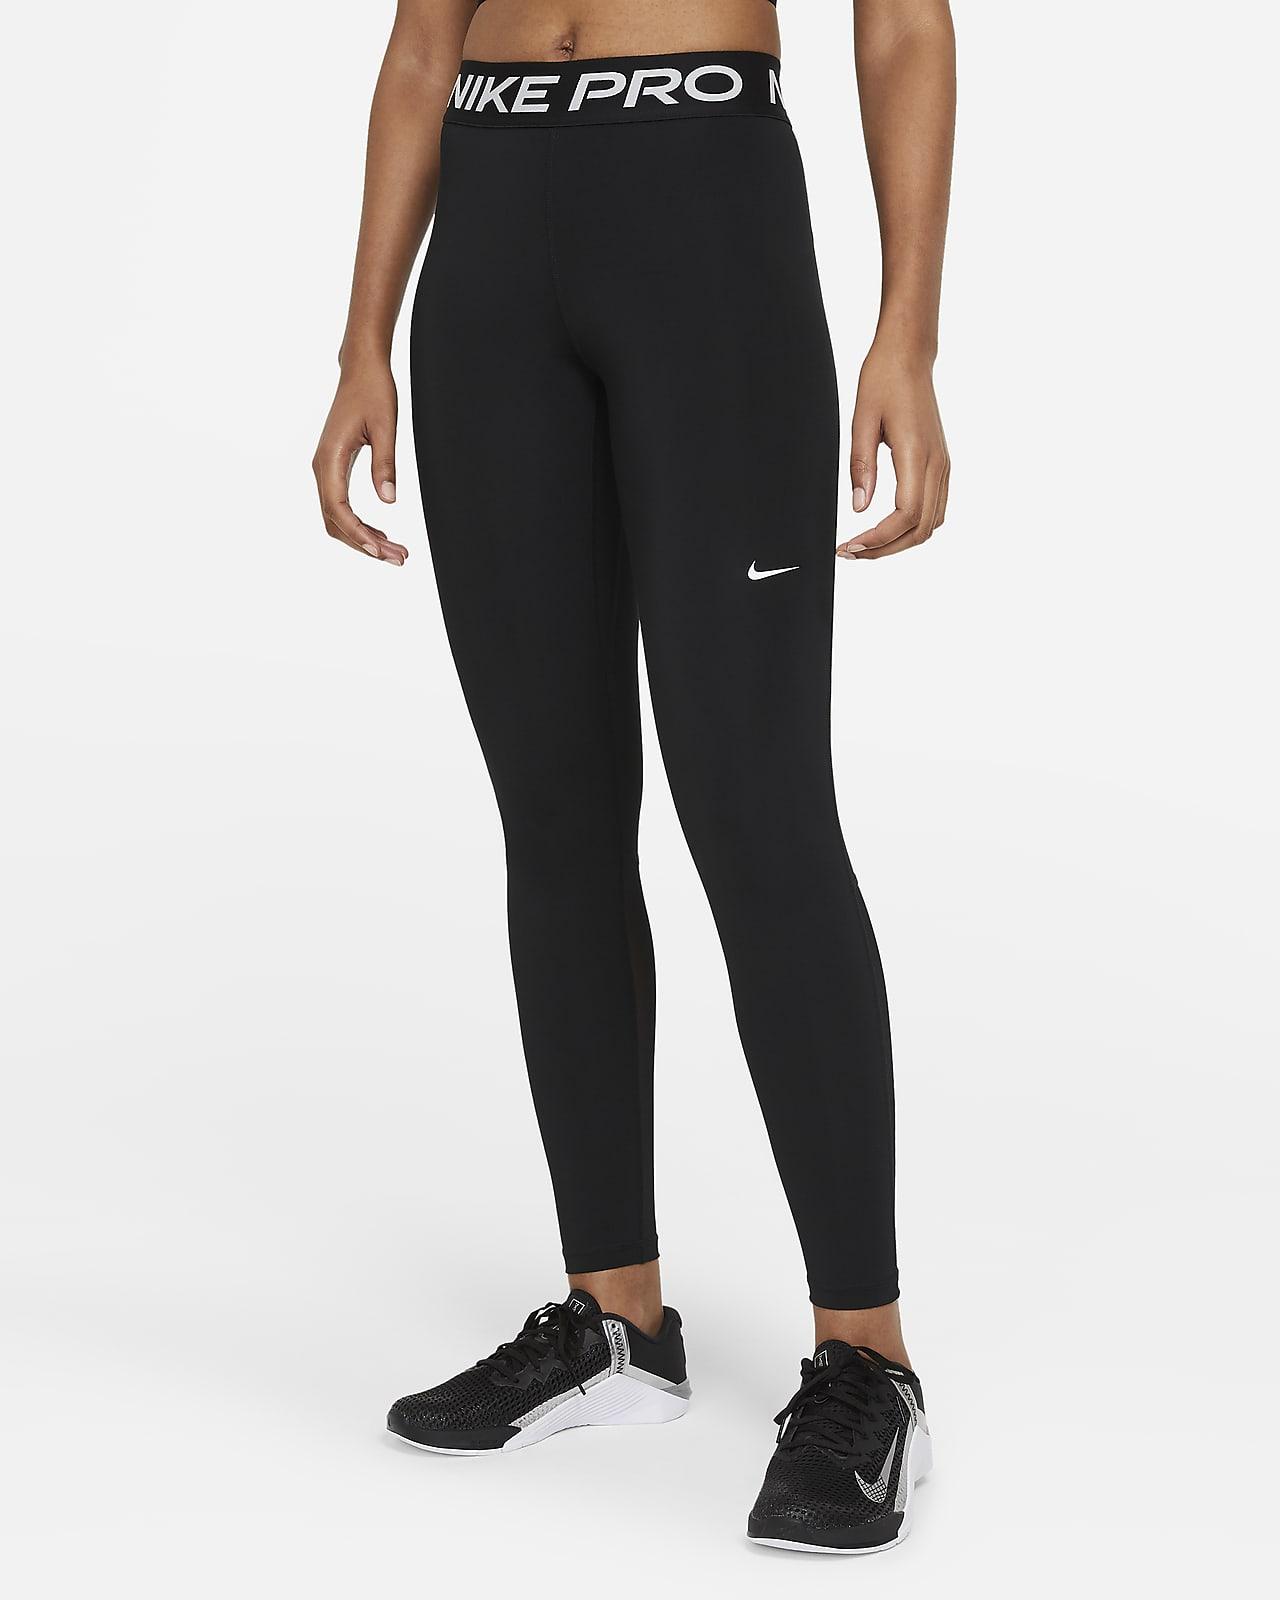 Nike Pro Normal Belli Kadın Taytı